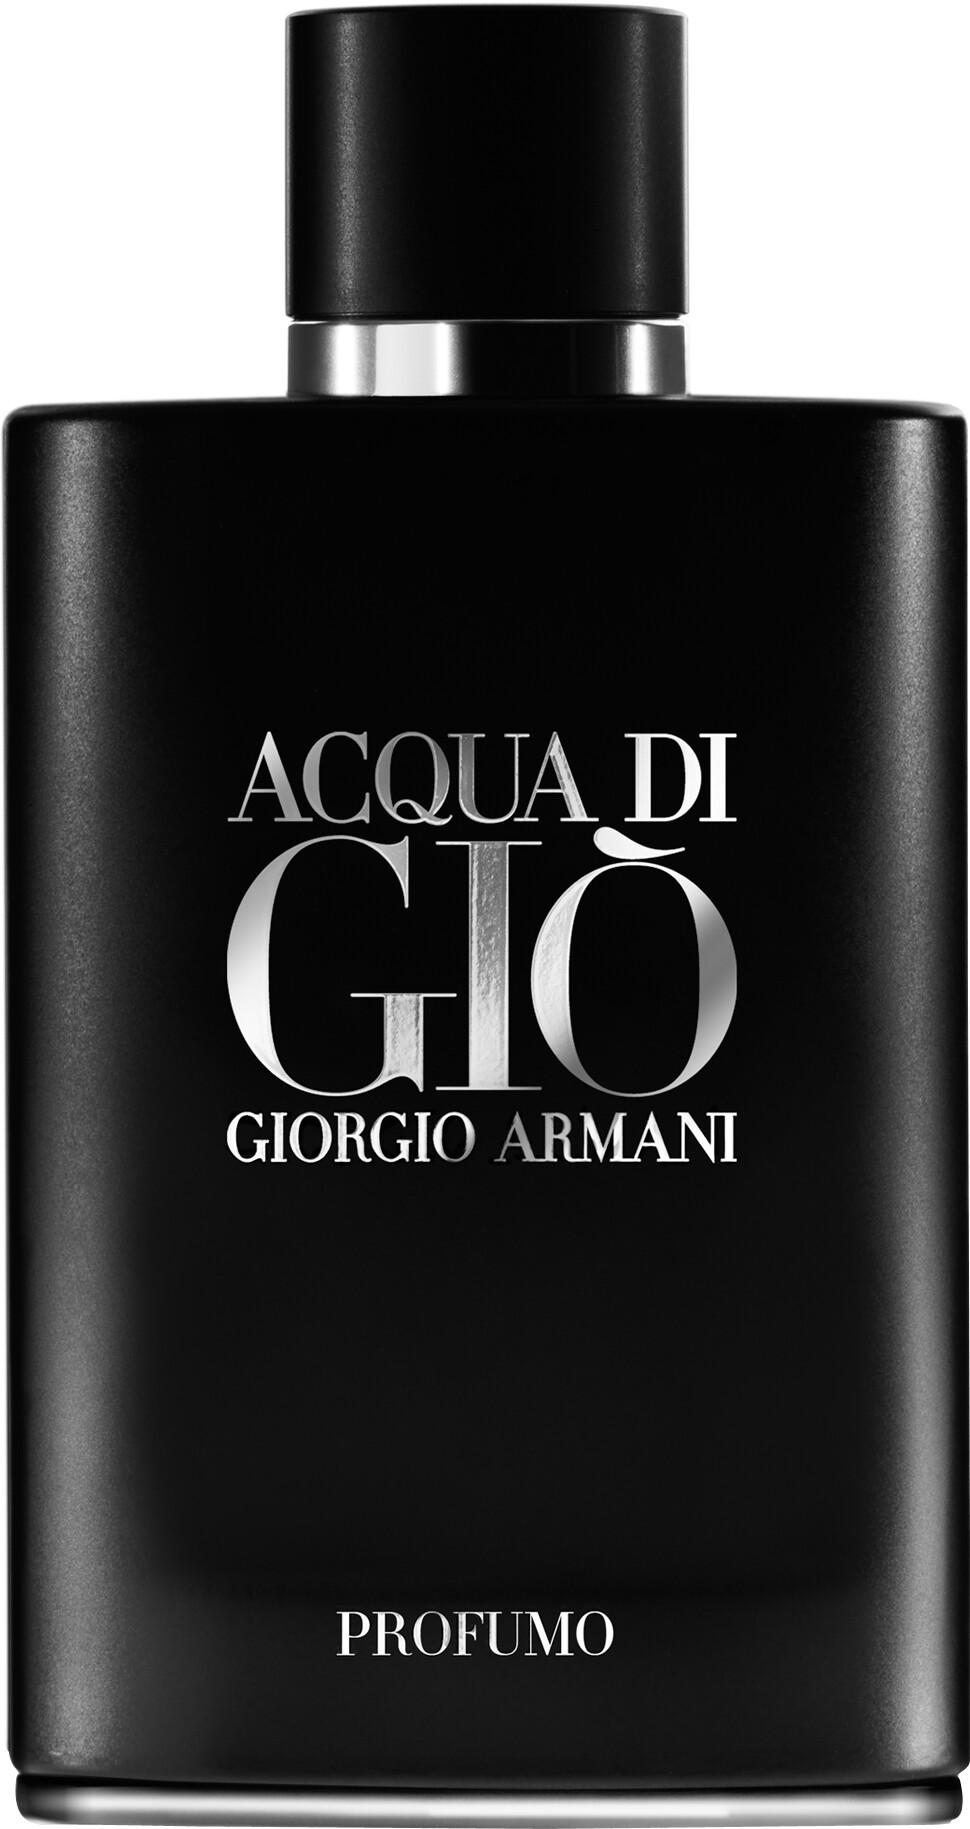 2e240dc00f97 ... Giorgio Armani Acqua di Giò Profumo Eau de Parfum Spray 125ml